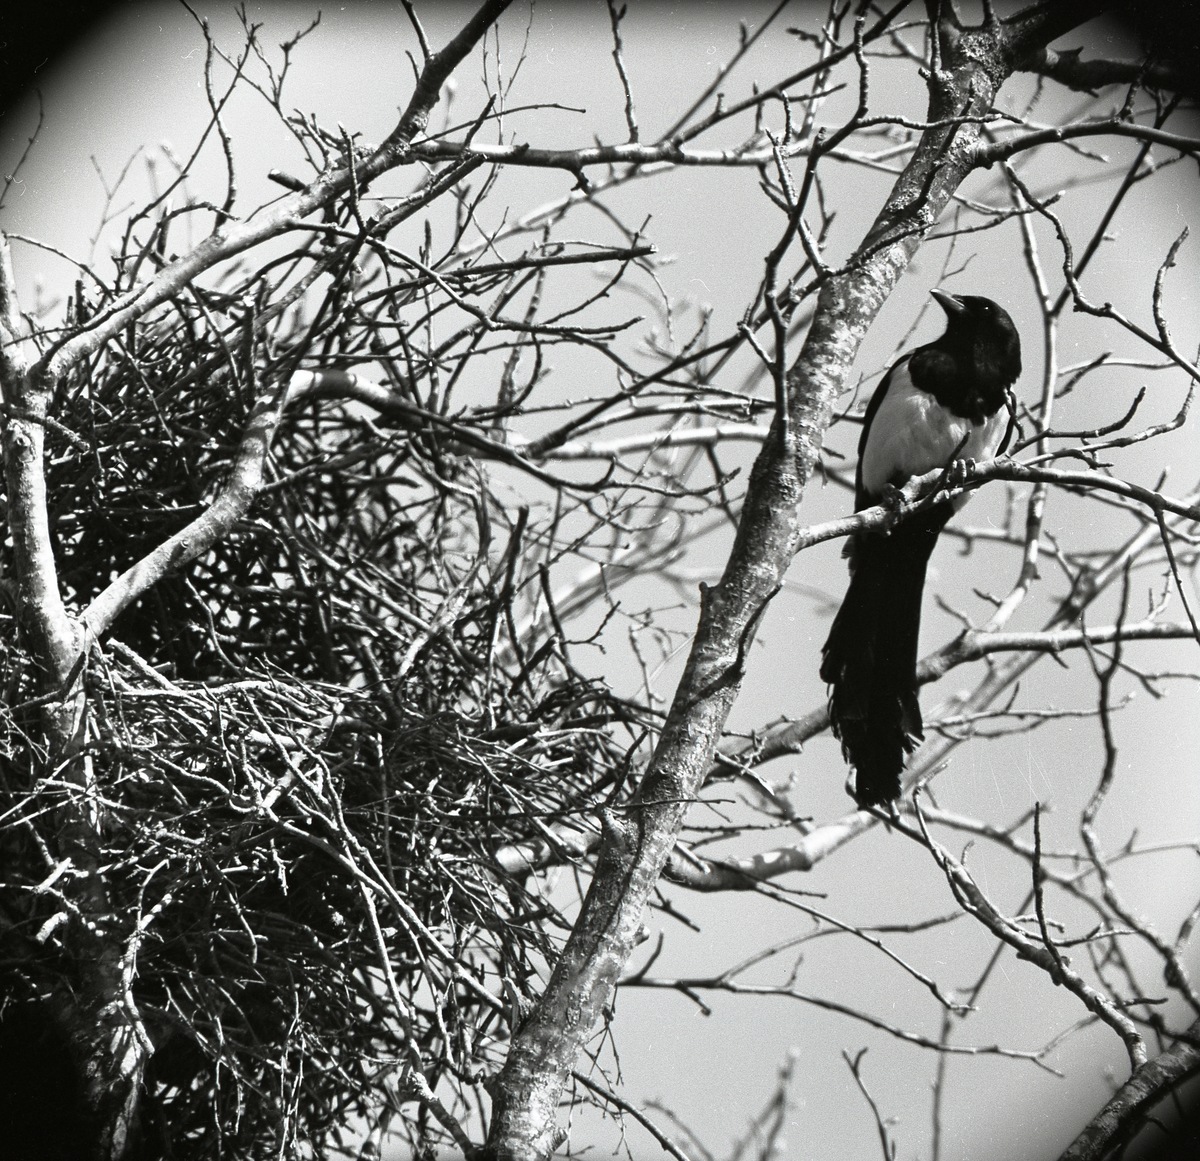 Skata vid sitt bo i ett träd 15 maj 1958.